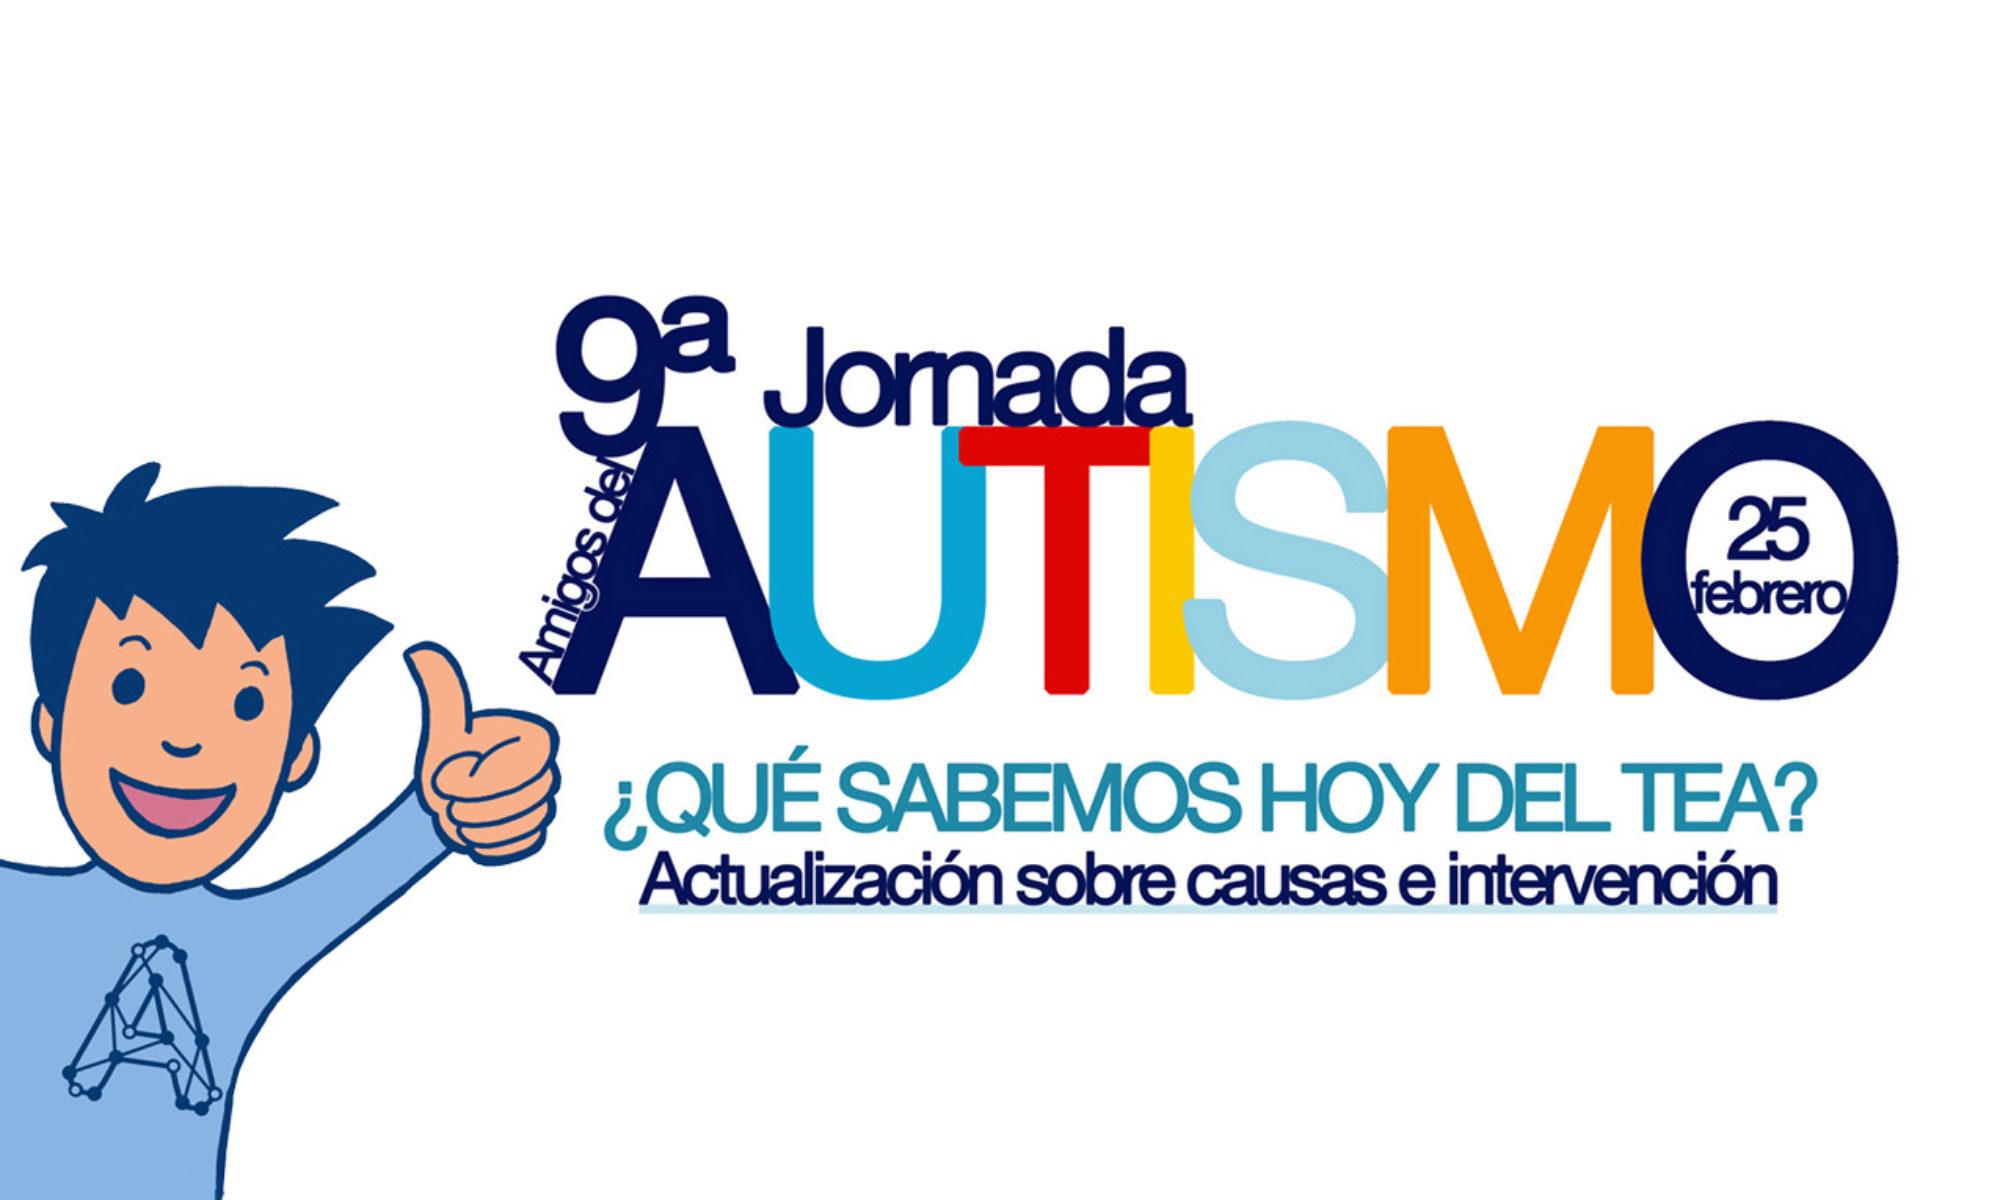 Aspau: 9 Jornada Amigos del Autismo